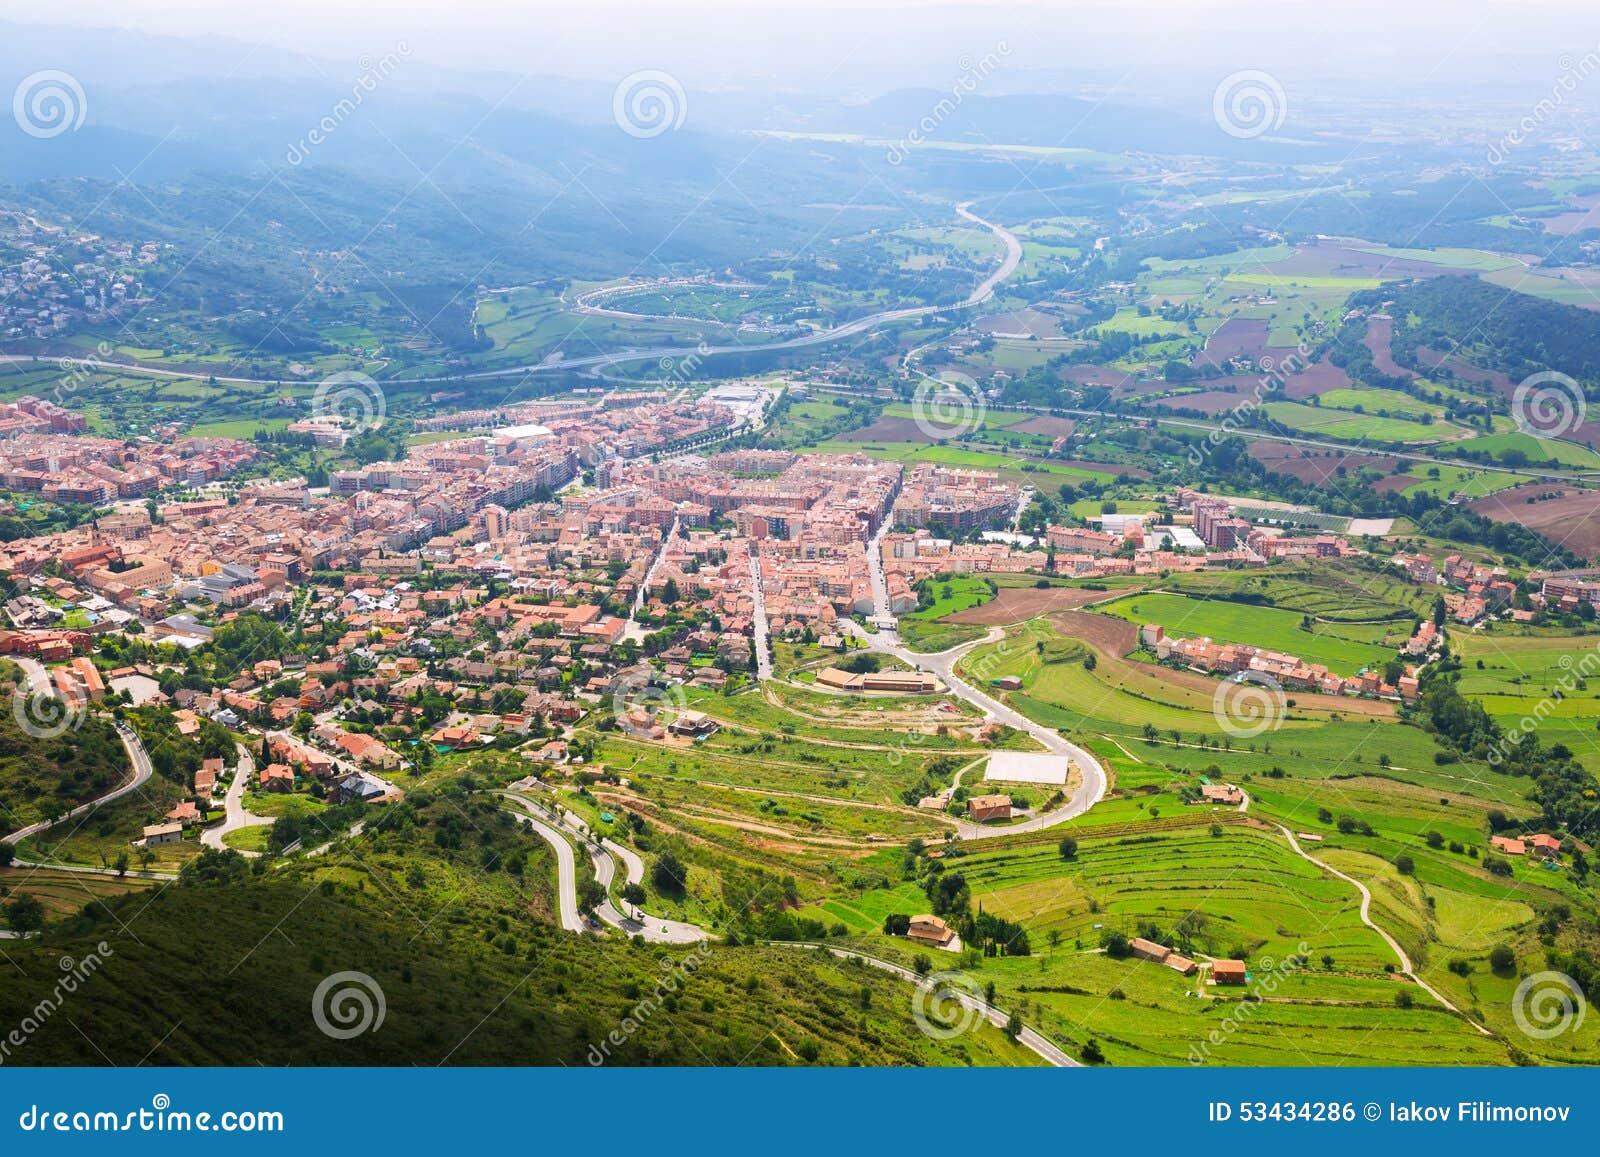 Ciudad en los pirineos berga foto de archivo imagen de - Ciudad de berga ...